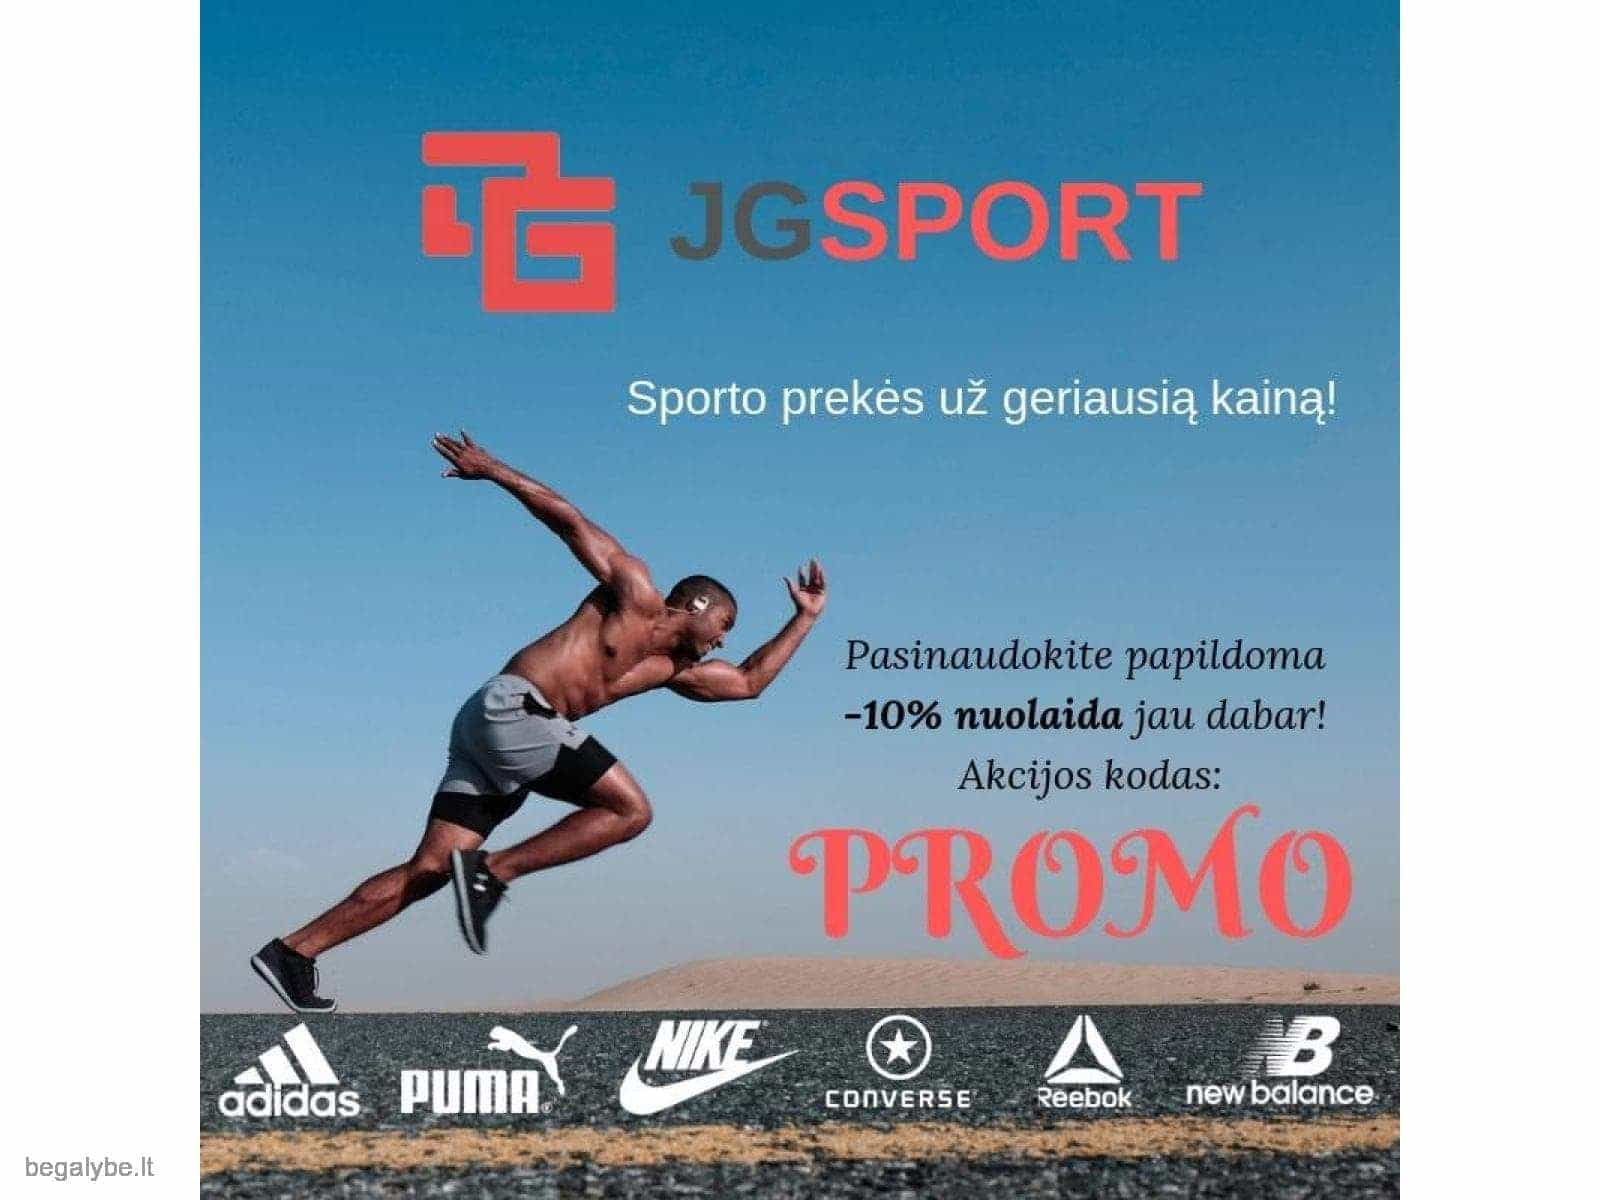 JGsport.lt - sporto prekės už geriausią kainą! - 1/1